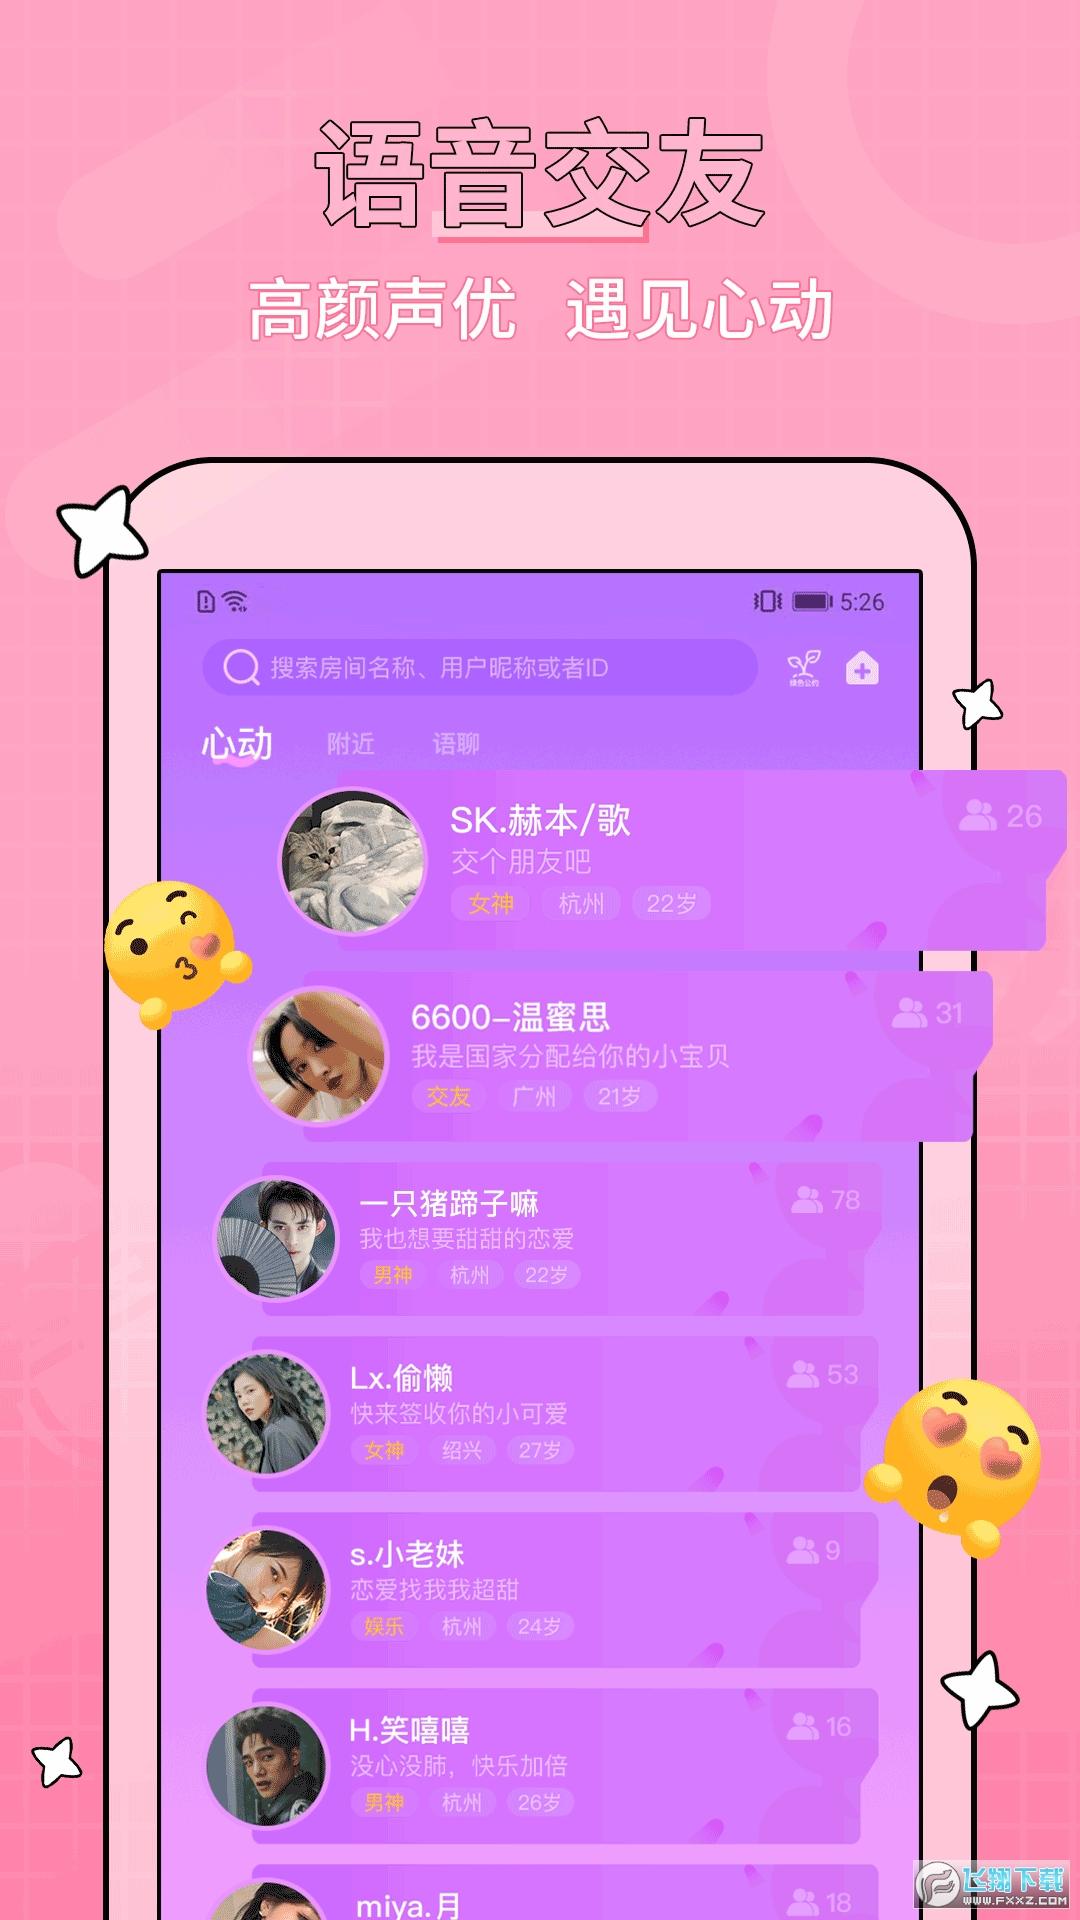 糖音约玩游戏交友appv1.4.0安卓版截图4